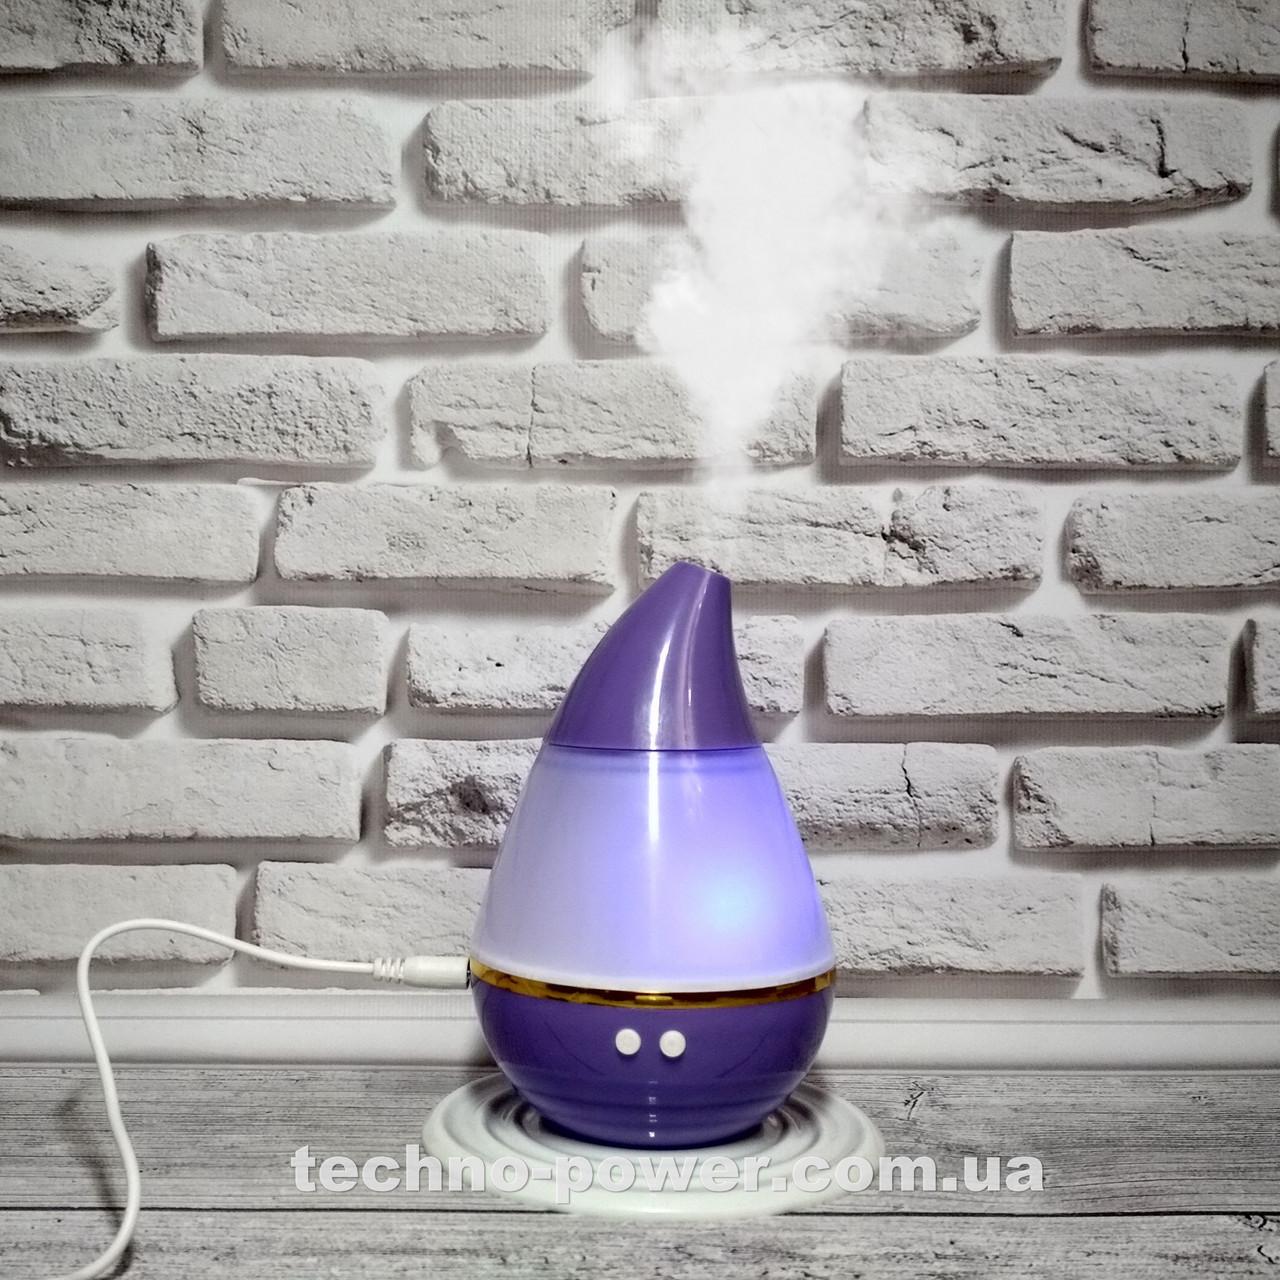 Увлажнитель воздуха 250 мл Вулкан/Капля ультразвуковой Фиолетовый. Увлажнитель воздуха для дома с подсветкой